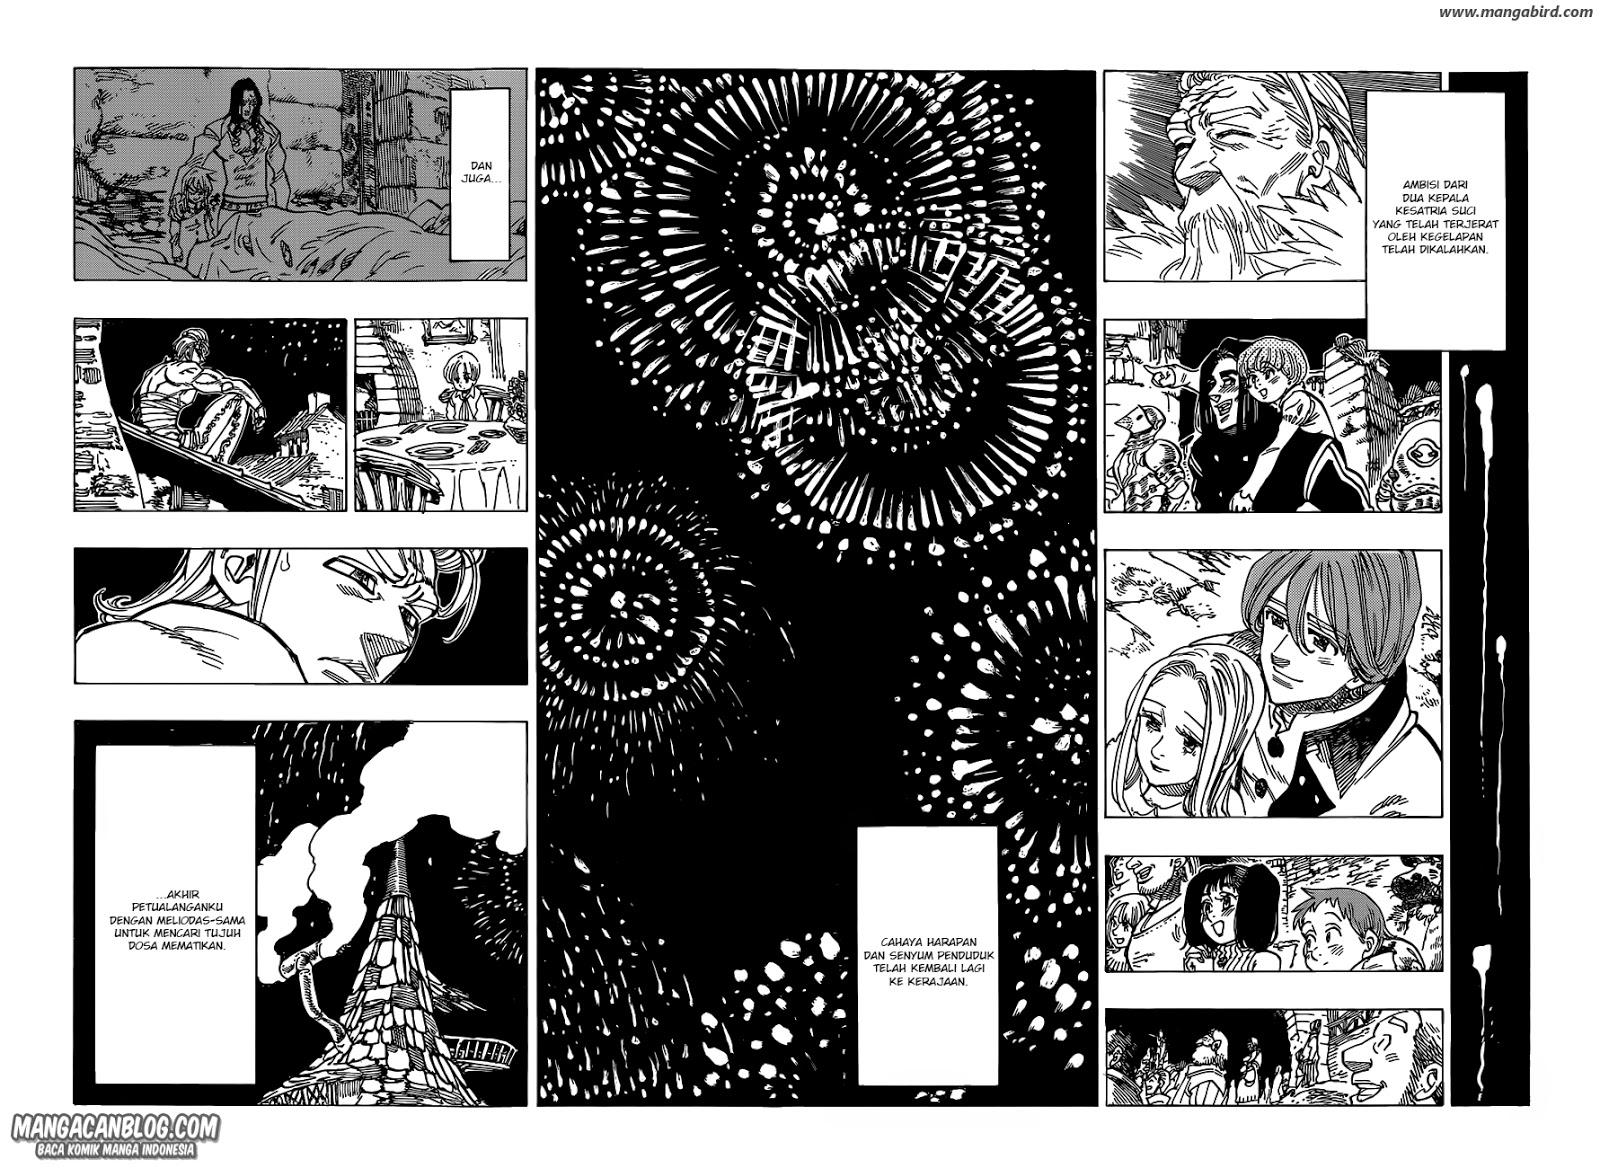 Komik nanatsu no taizai 103 - chapter 103 104 Indonesia nanatsu no taizai 103 - chapter 103 Terbaru 9 Baca Manga Komik Indonesia